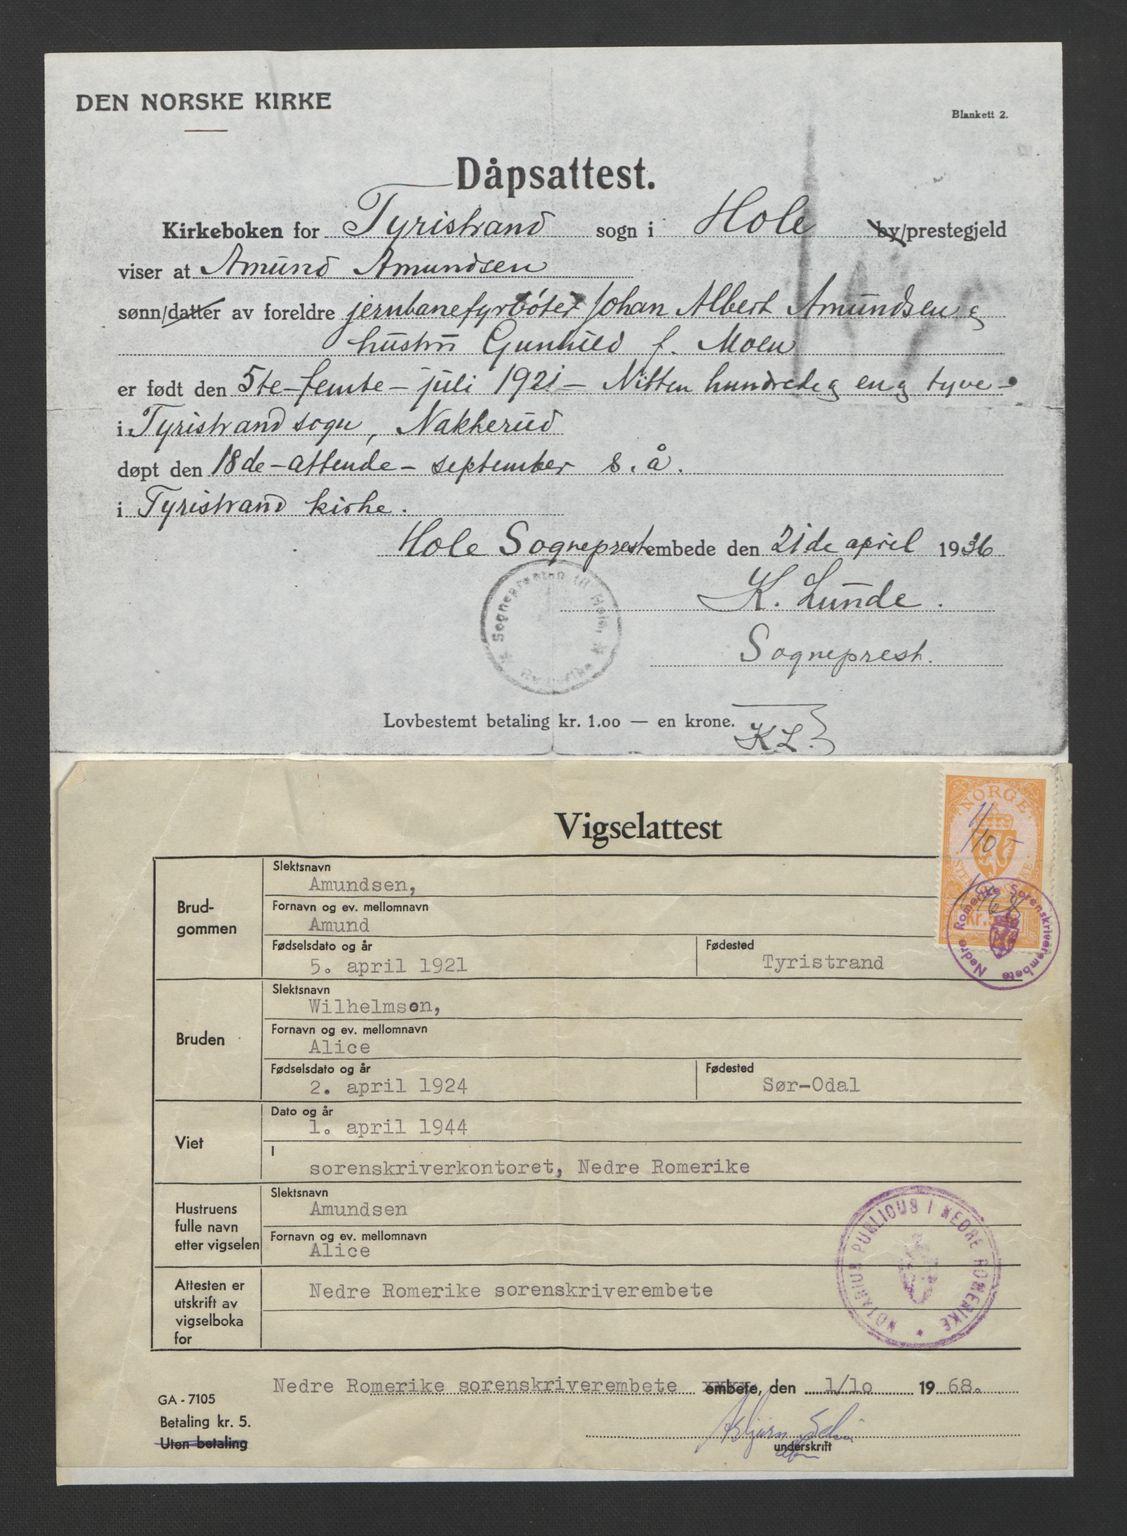 SAO, Nedre Romerike sorenskriveri, L/Lb/L0005: Vigselsbok - borgerlige vielser, 1944, s. upaginert